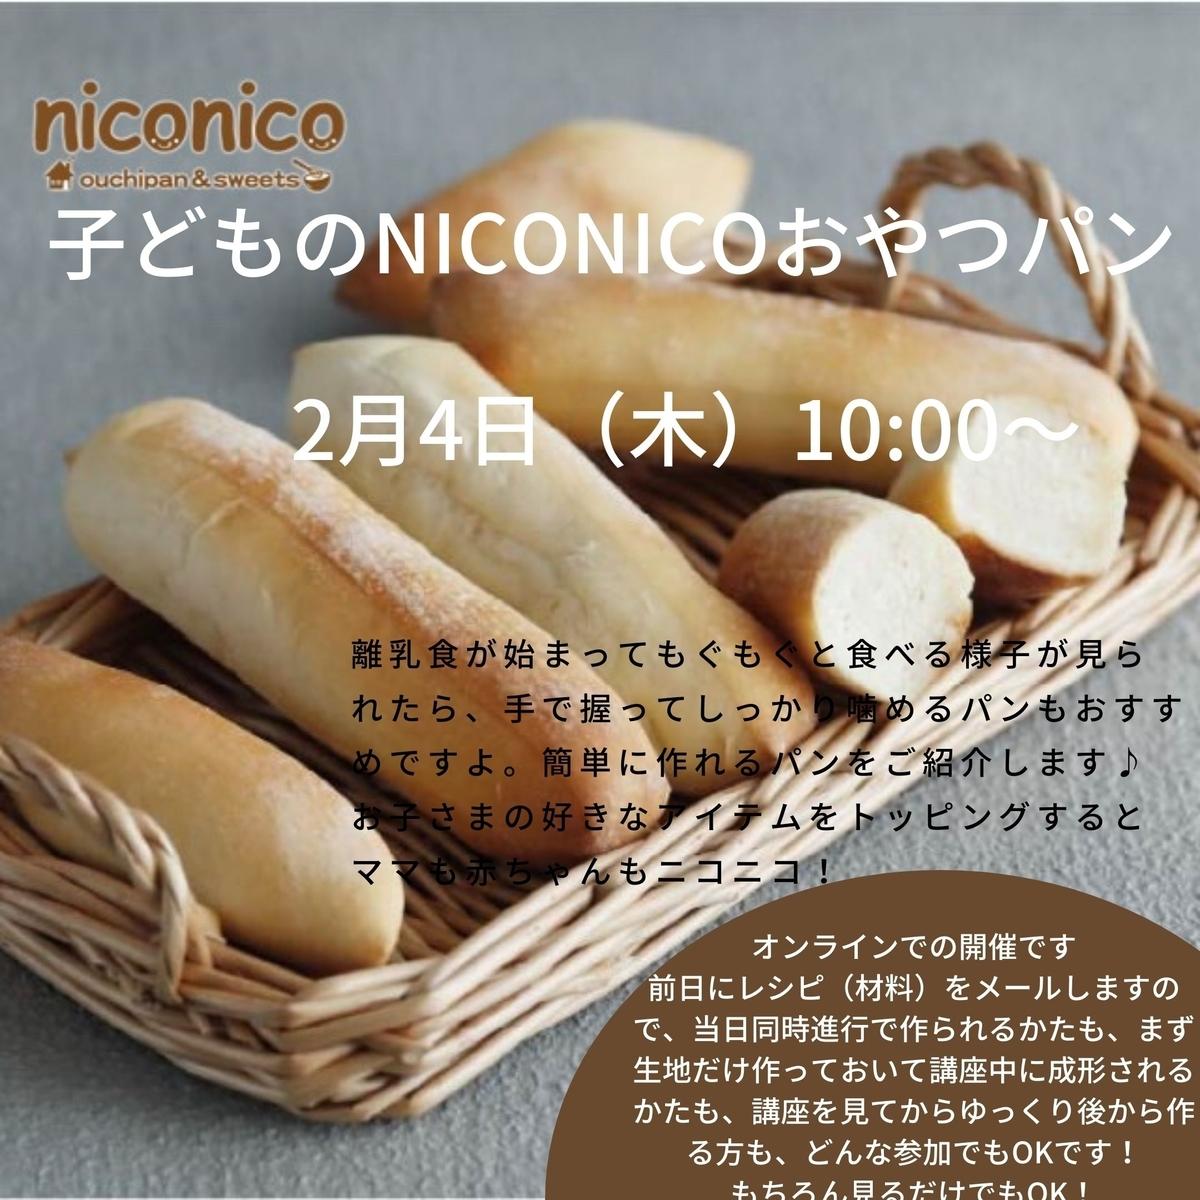 f:id:machinohokensitsu:20210121144849j:plain